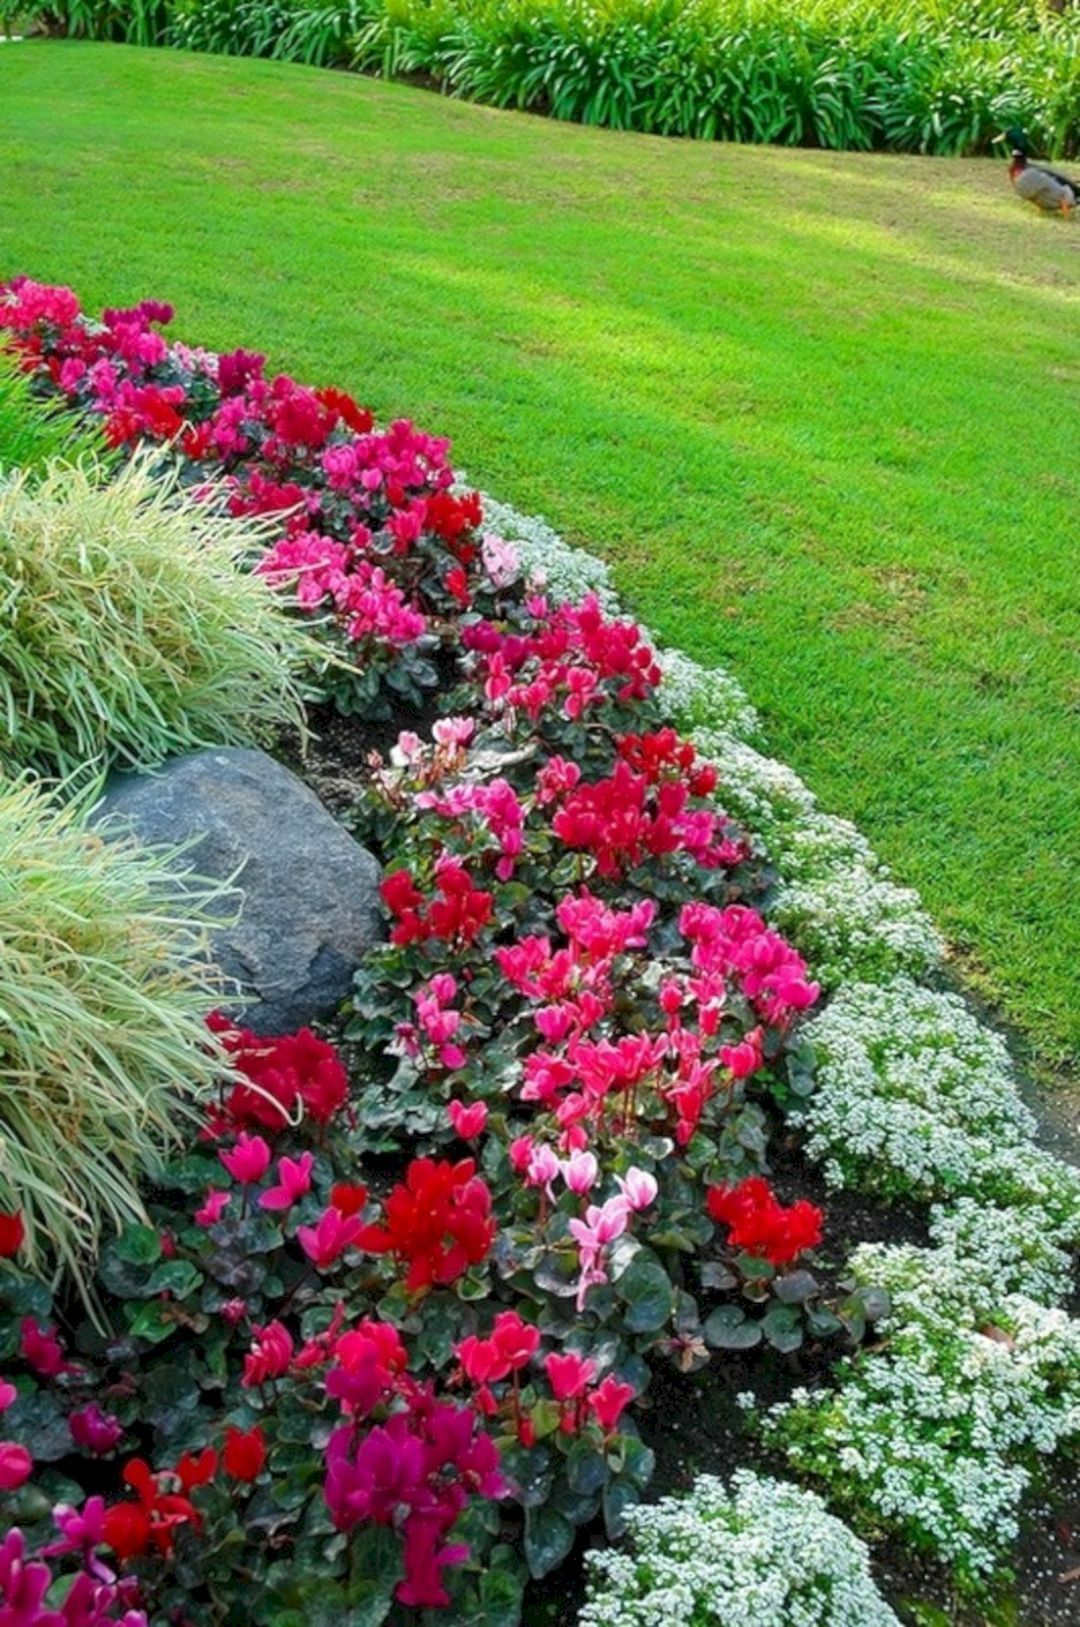 45 gorgeous backyard landscape with edging lawn design ideas rh pinterest com